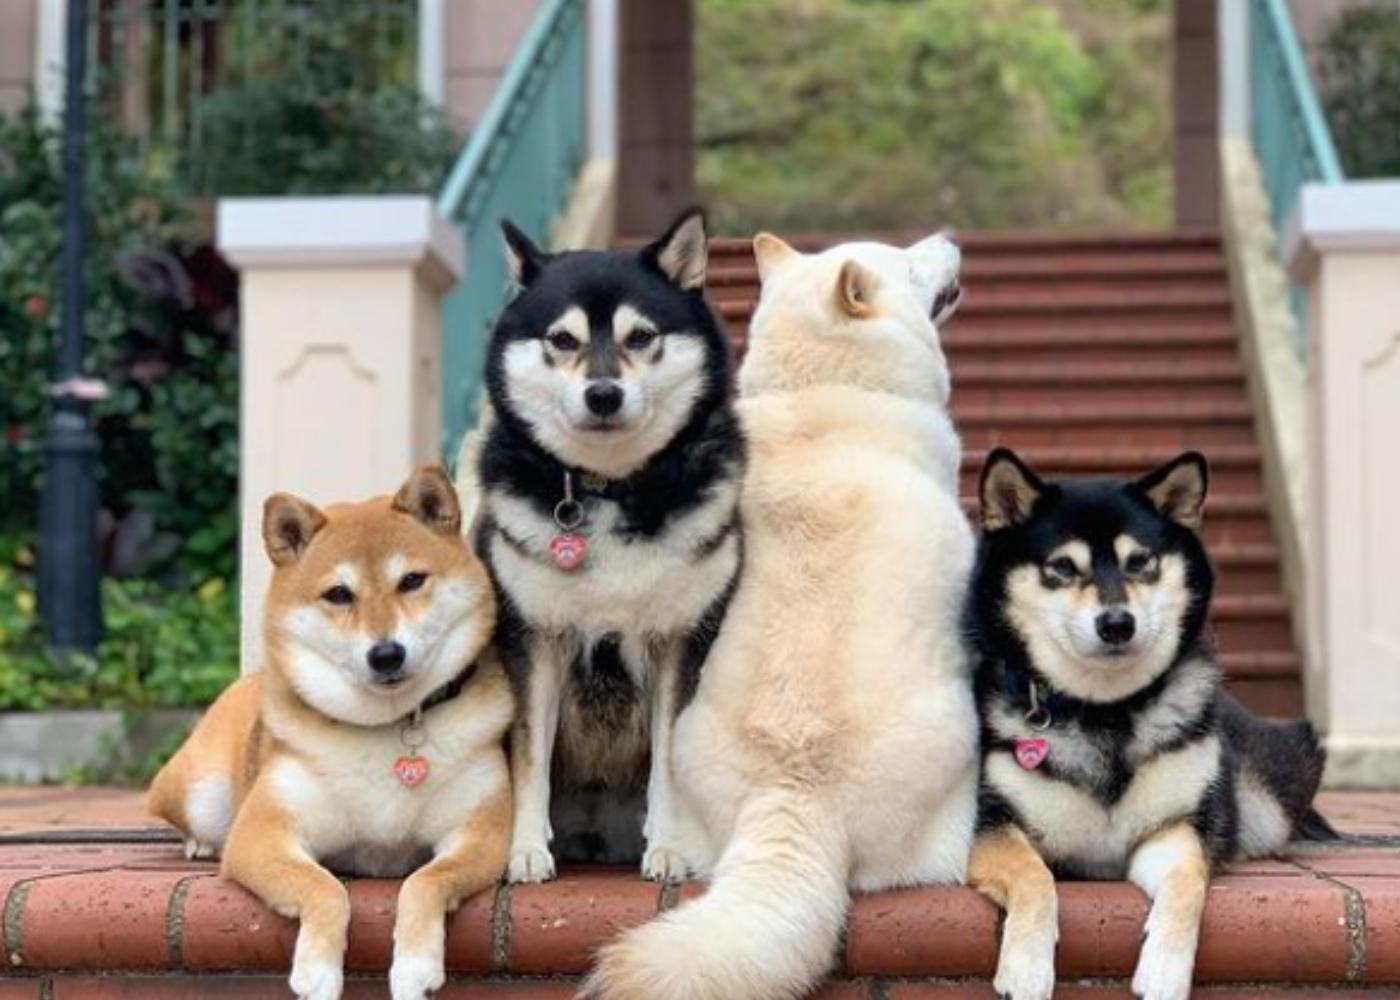 Ξεκαρδιστικό: Σκύλος χαλάει όλες τις ομαδικές φωτογραφίες